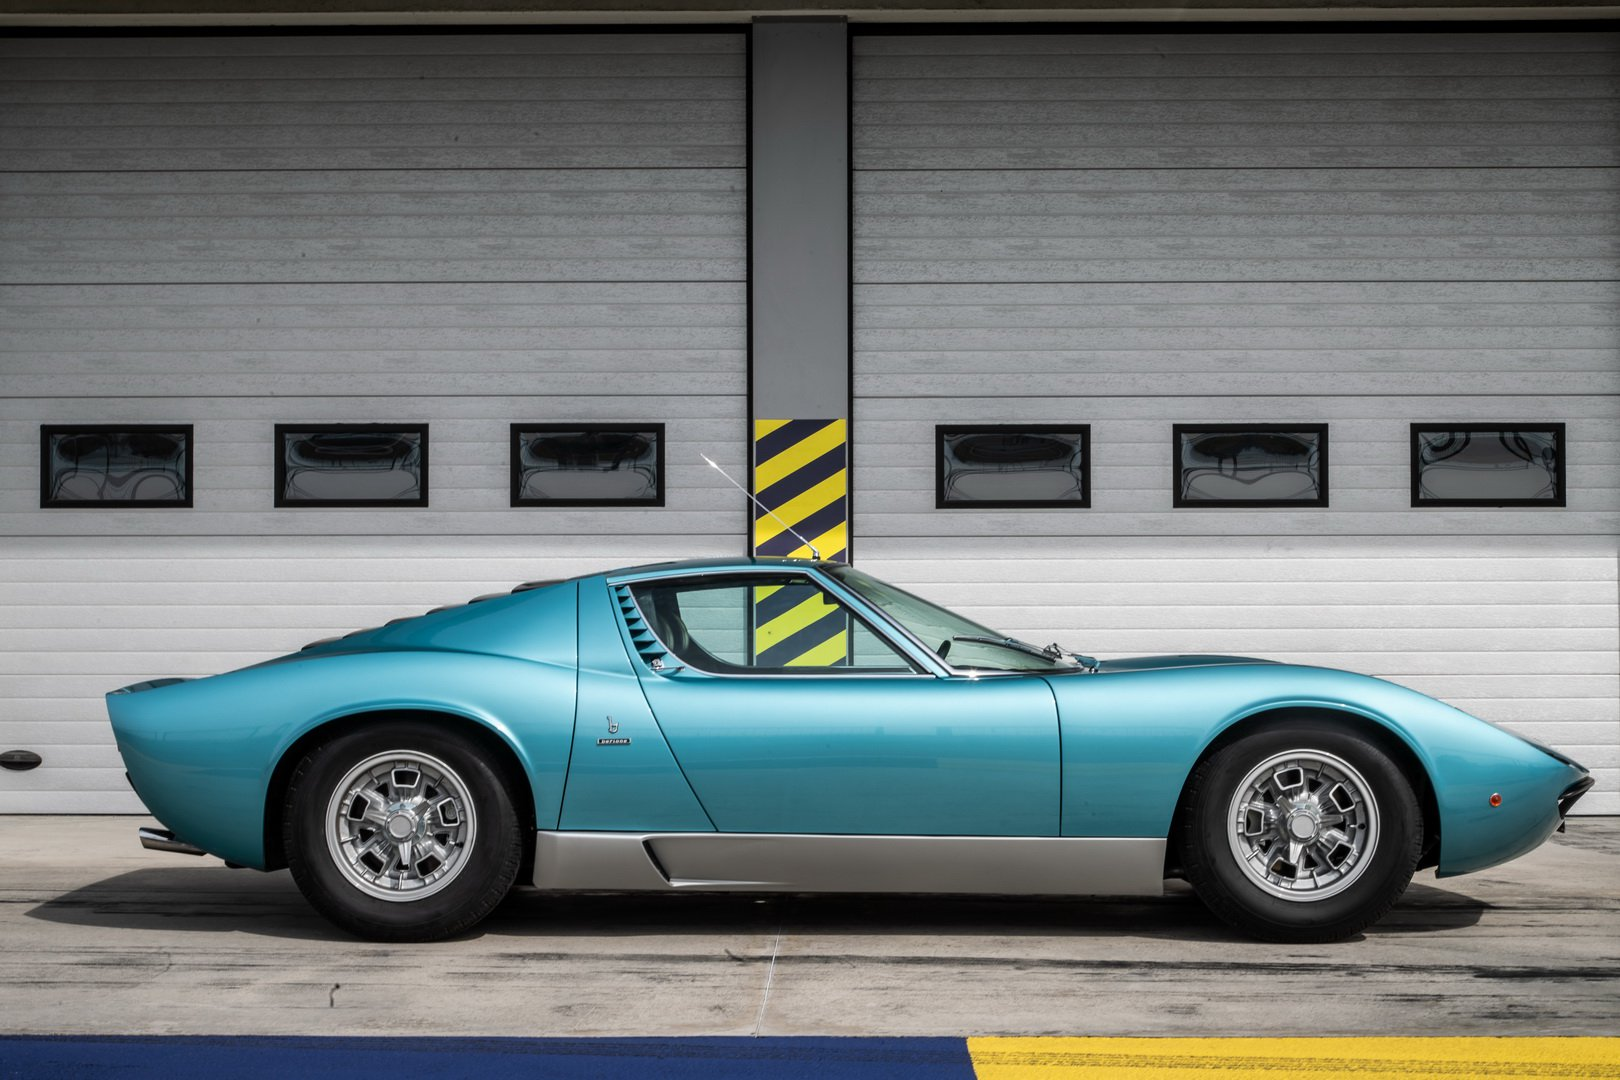 Index Of Wp Content Gallery 2019 Lamborghini Miura P400 S Azzurro